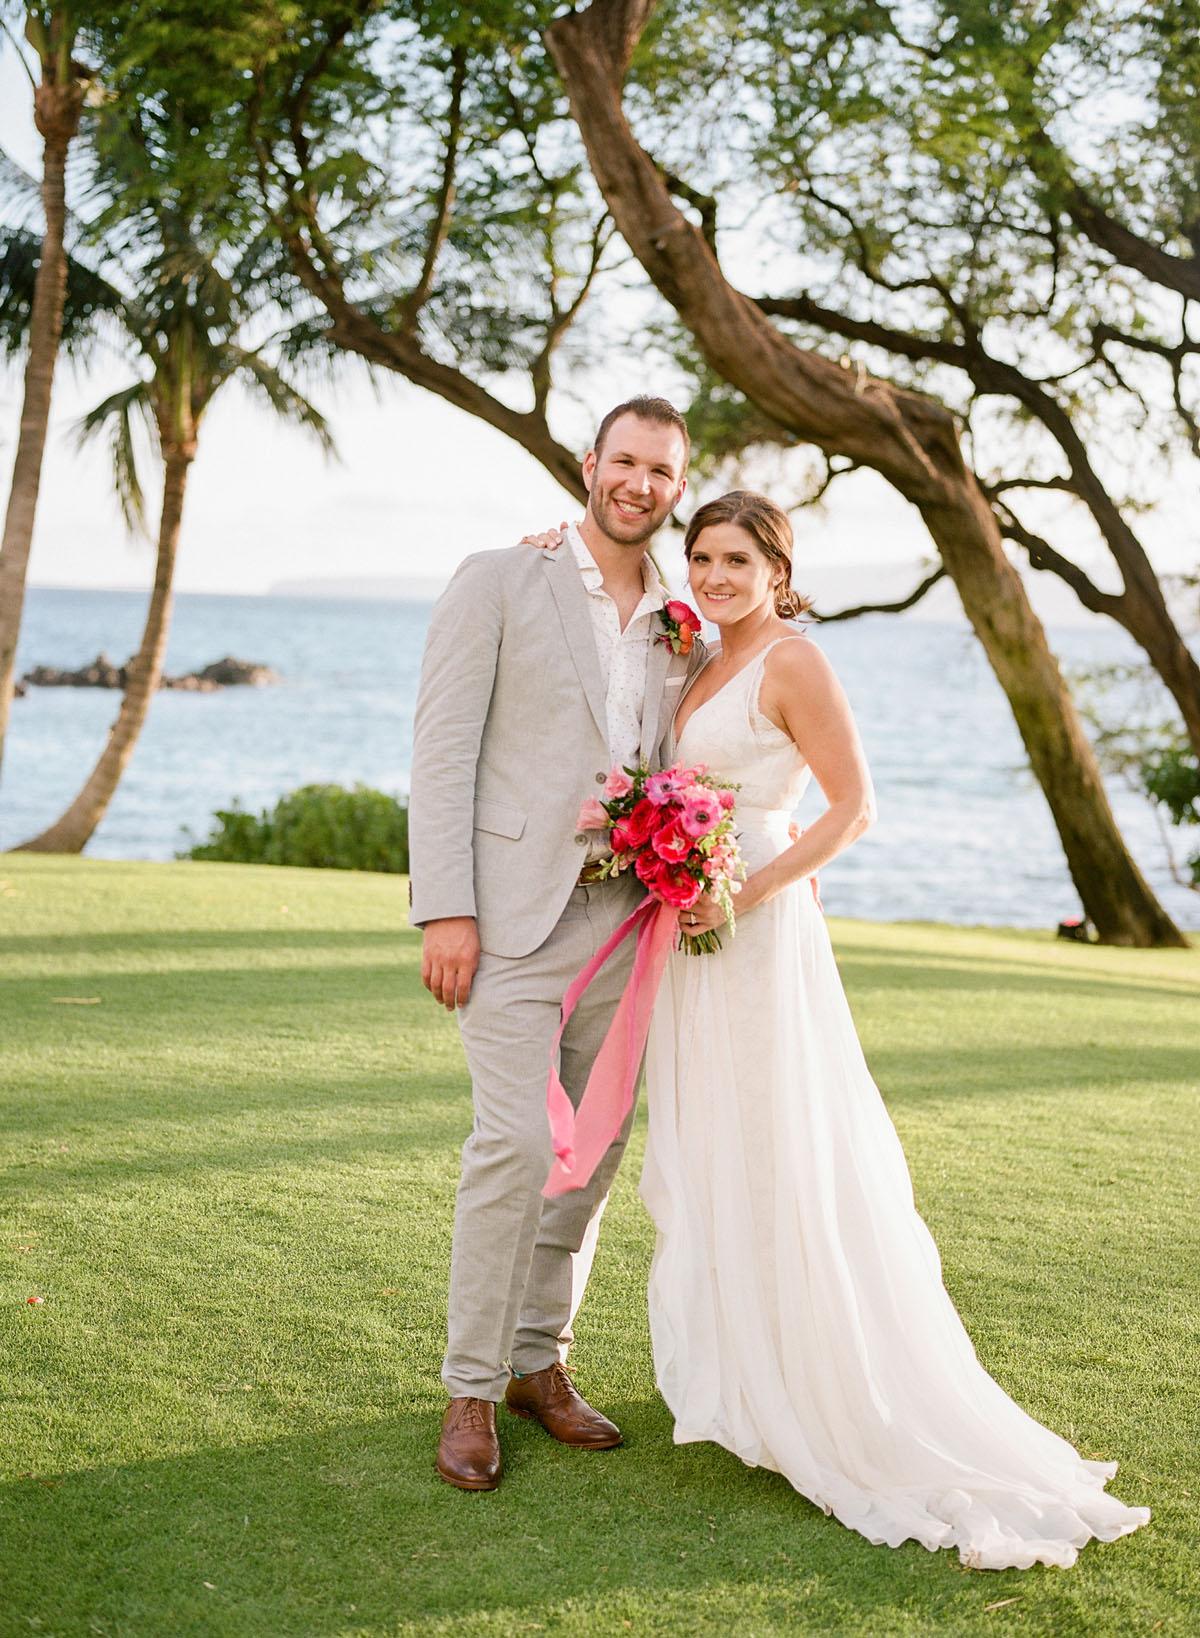 33-darby-evan-bride-groom-maui.jpg